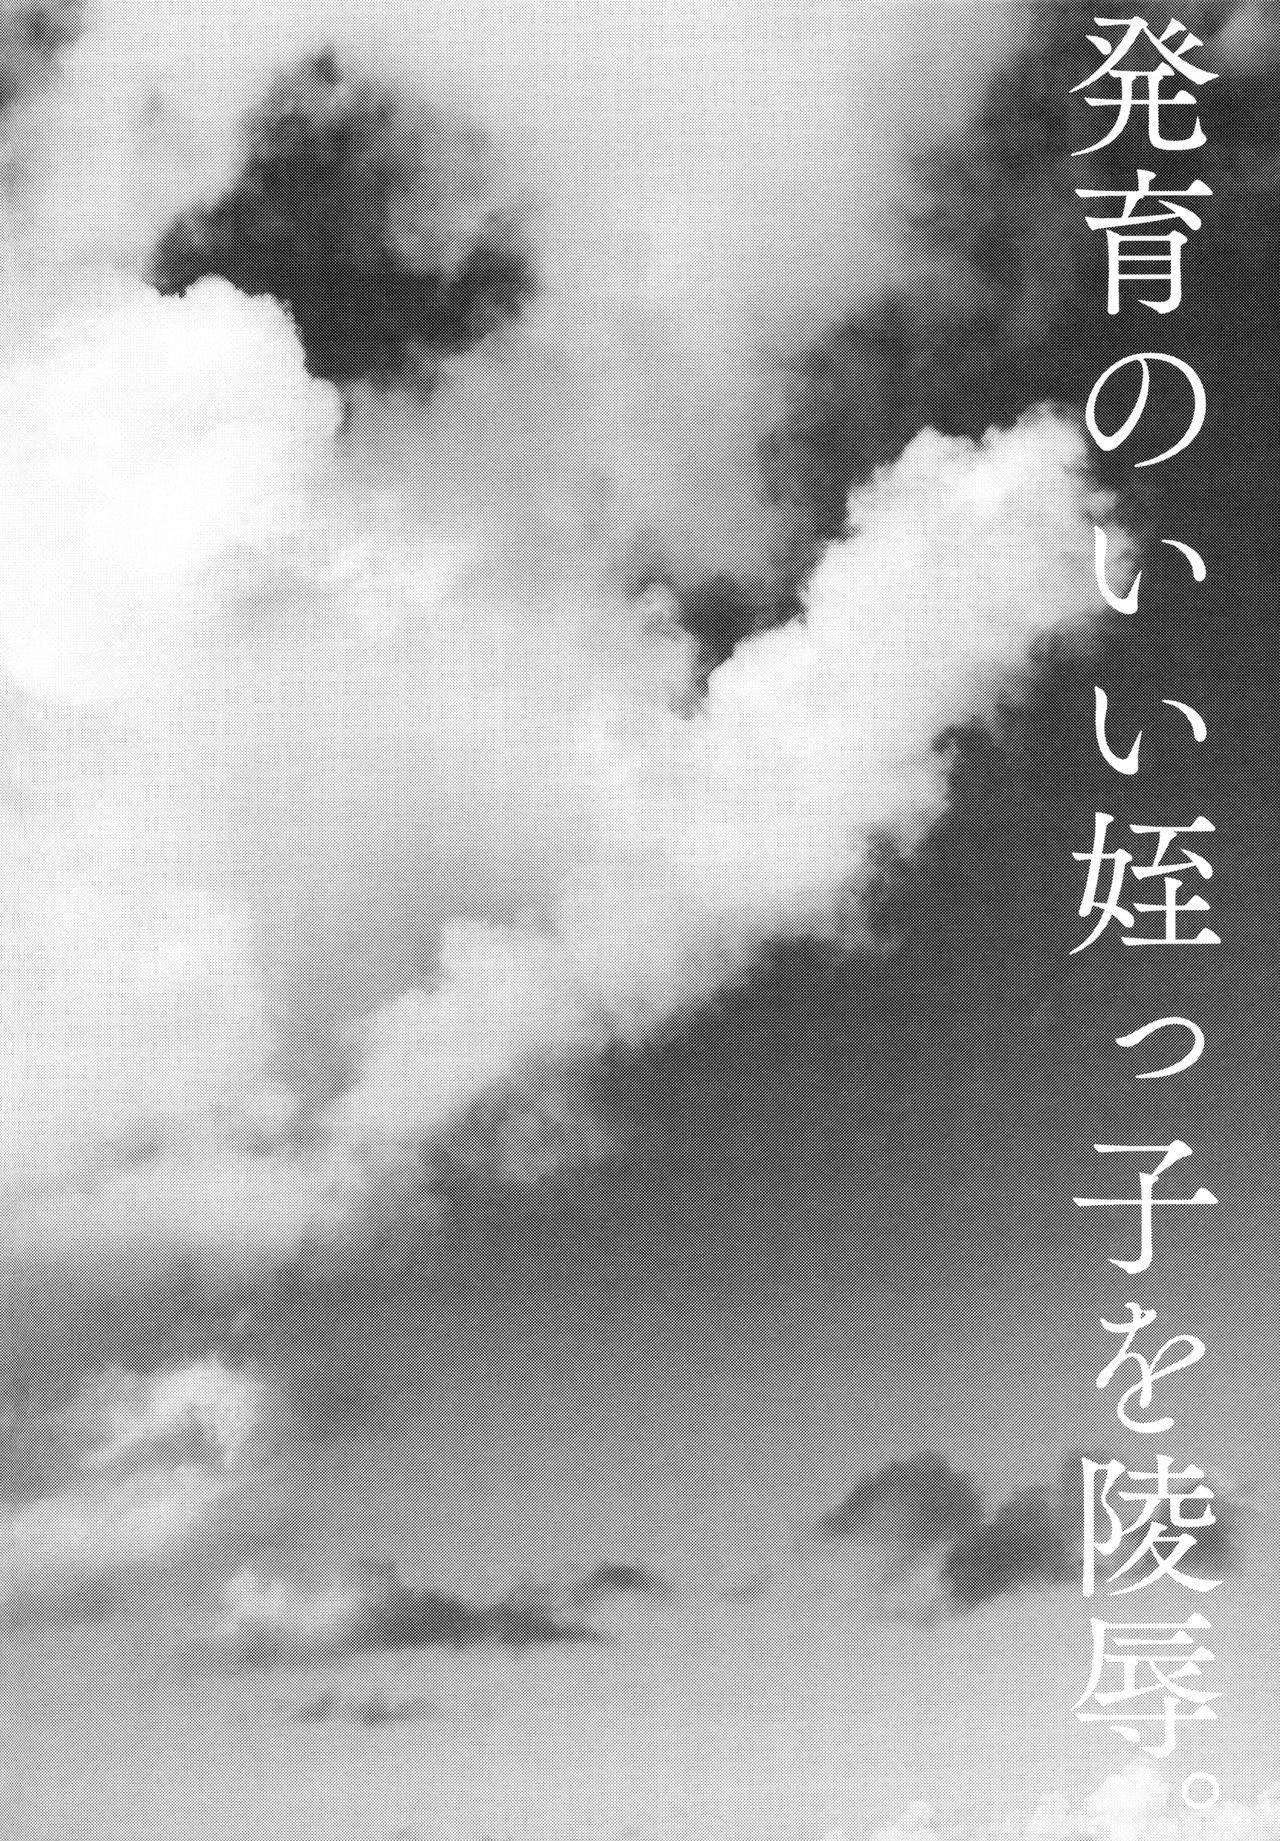 Hatsuiku no Ii Meikko o Ryoujoku. 2